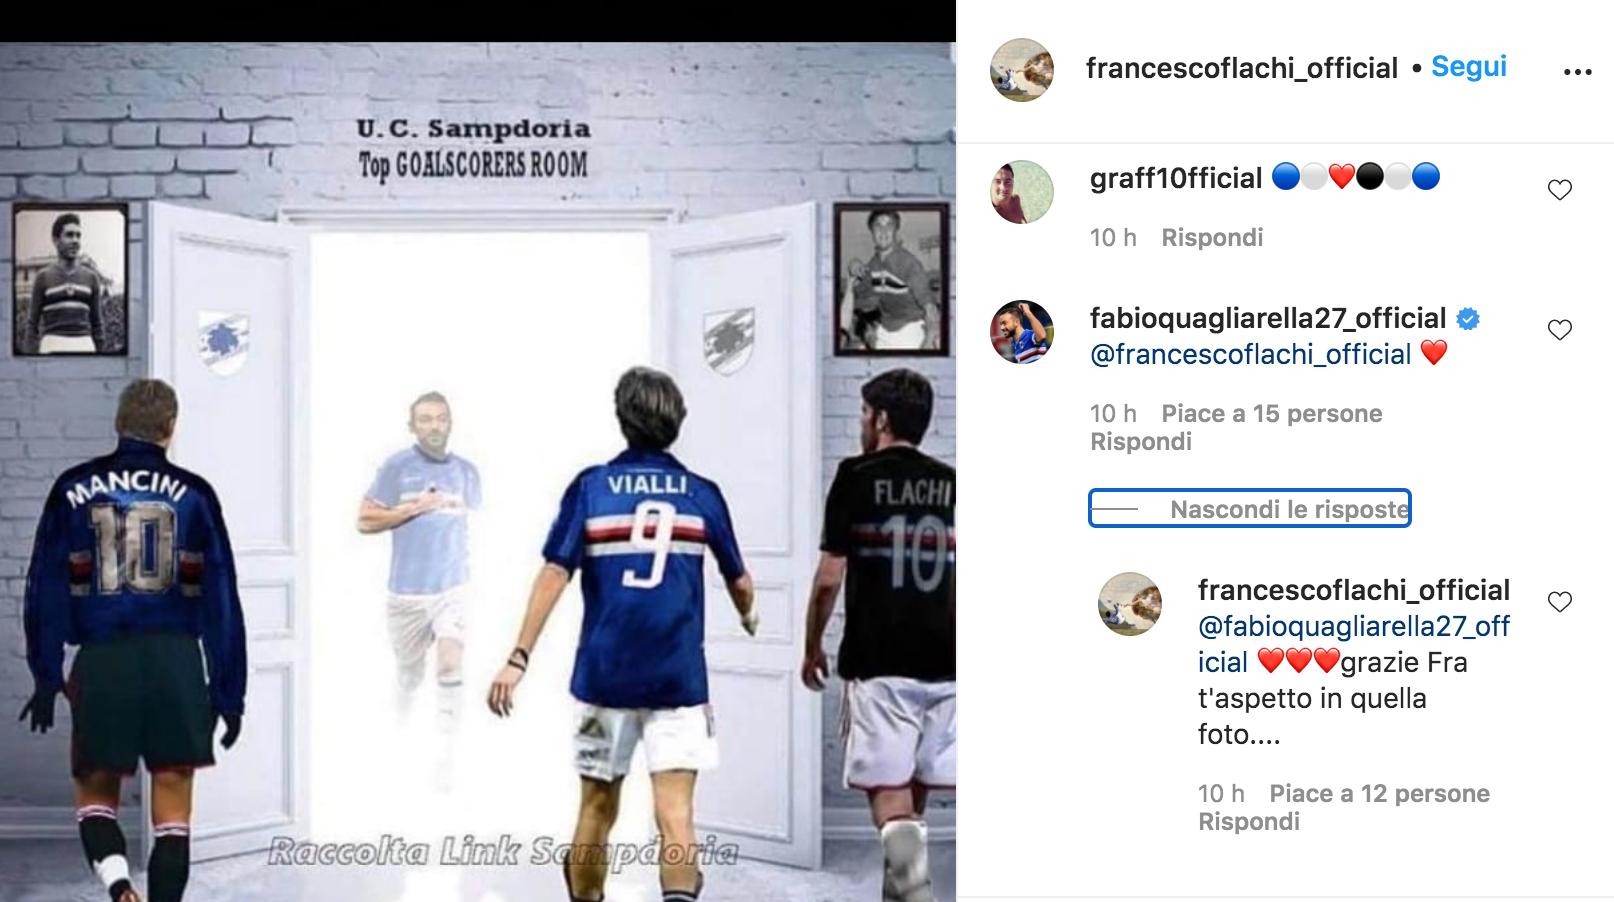 Instagram Flachi Quagliarella